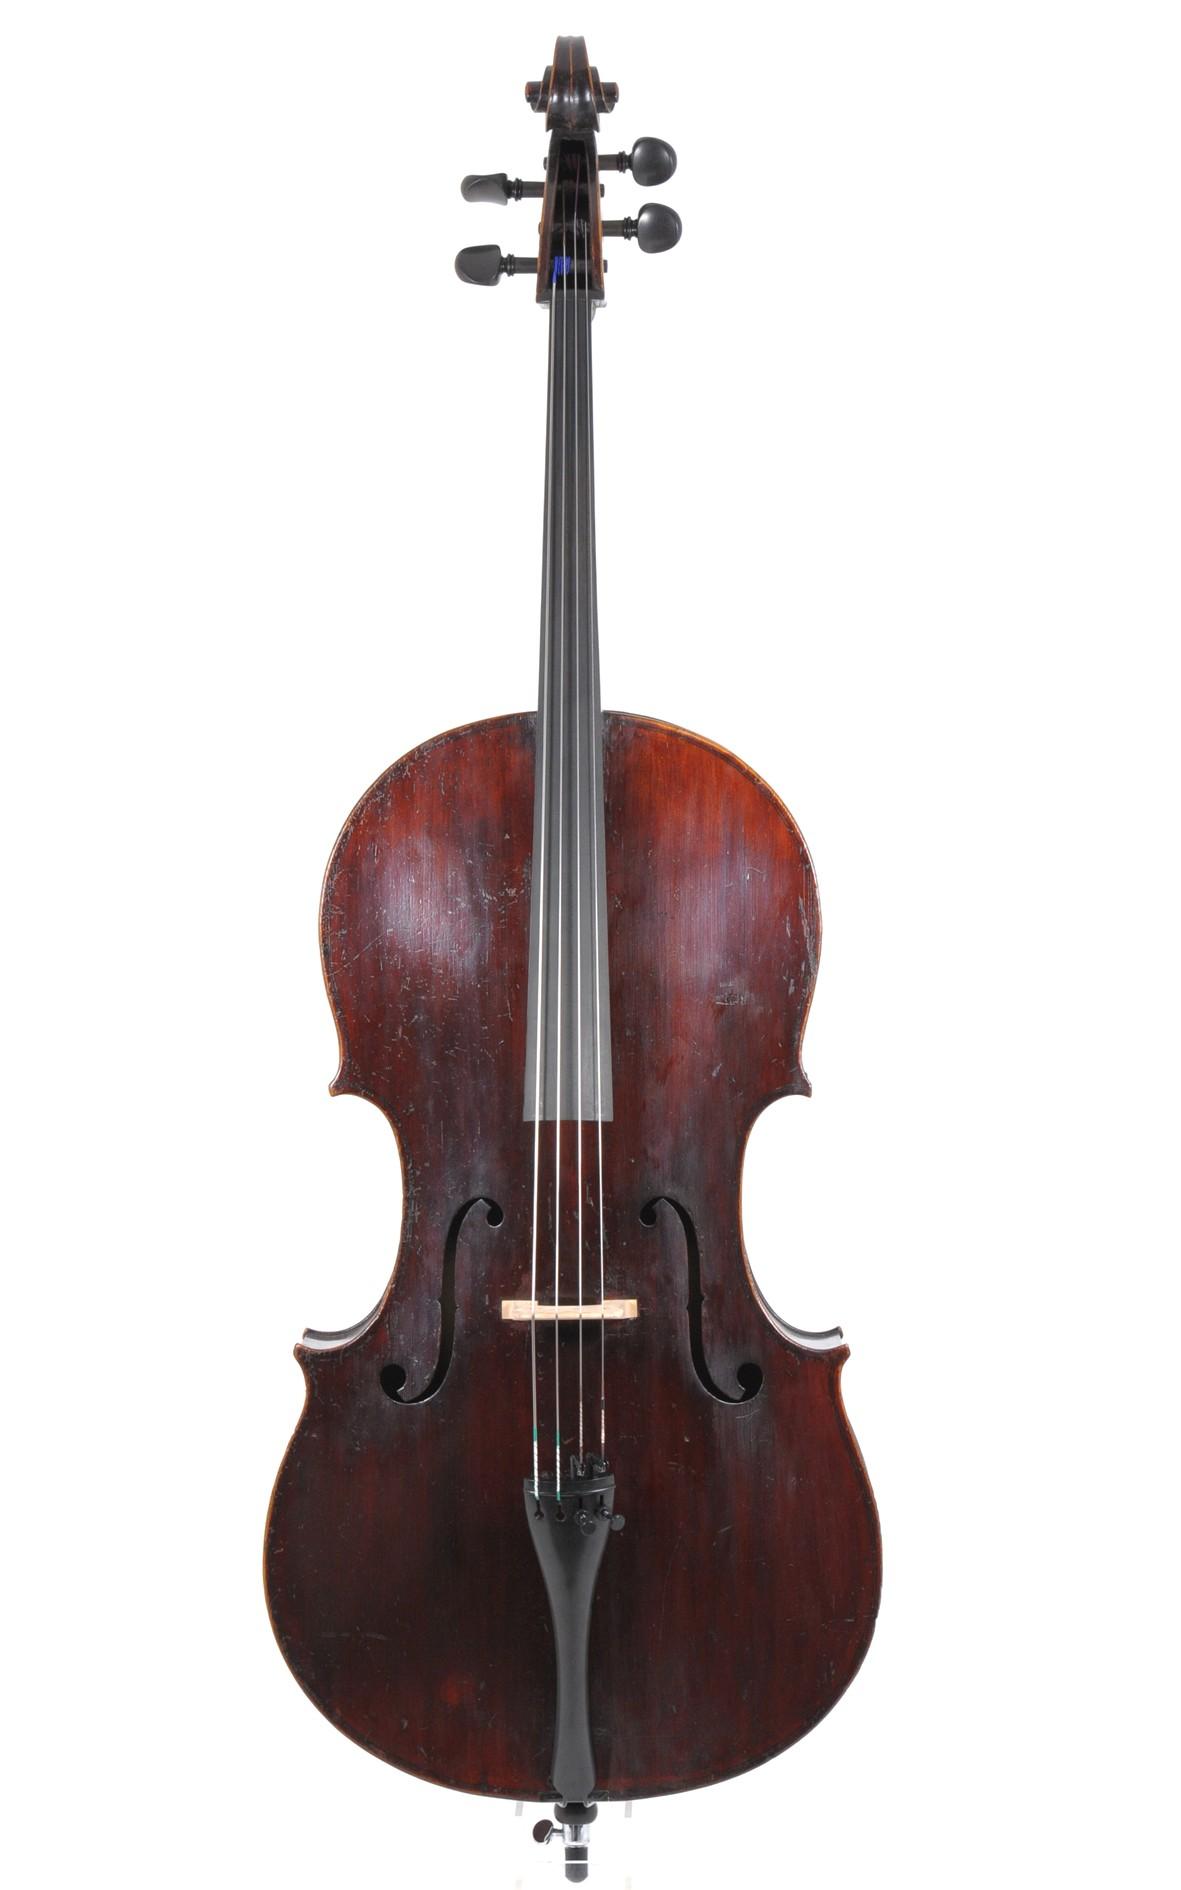 Englisches Violoncello, um 1850 - Decke